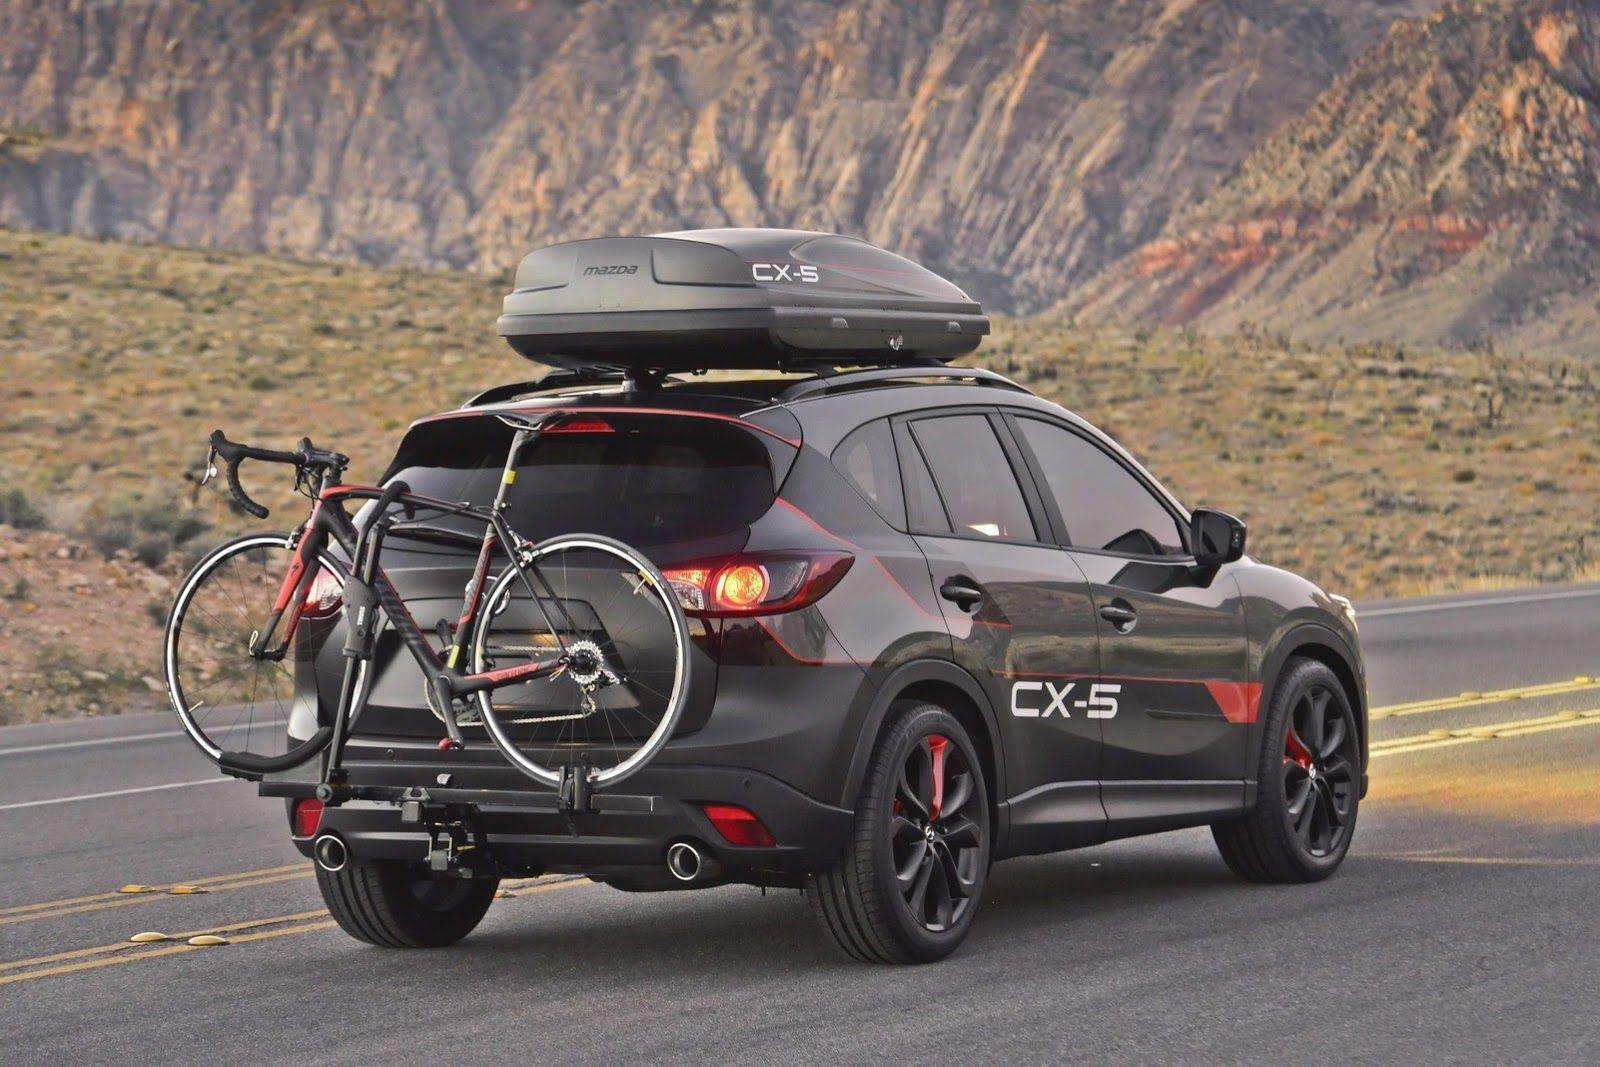 Mazda Cx 5 Dempsey Rear Bike Jpg 1600 1067 Mazda Cx5 Mazda Mazda Cars